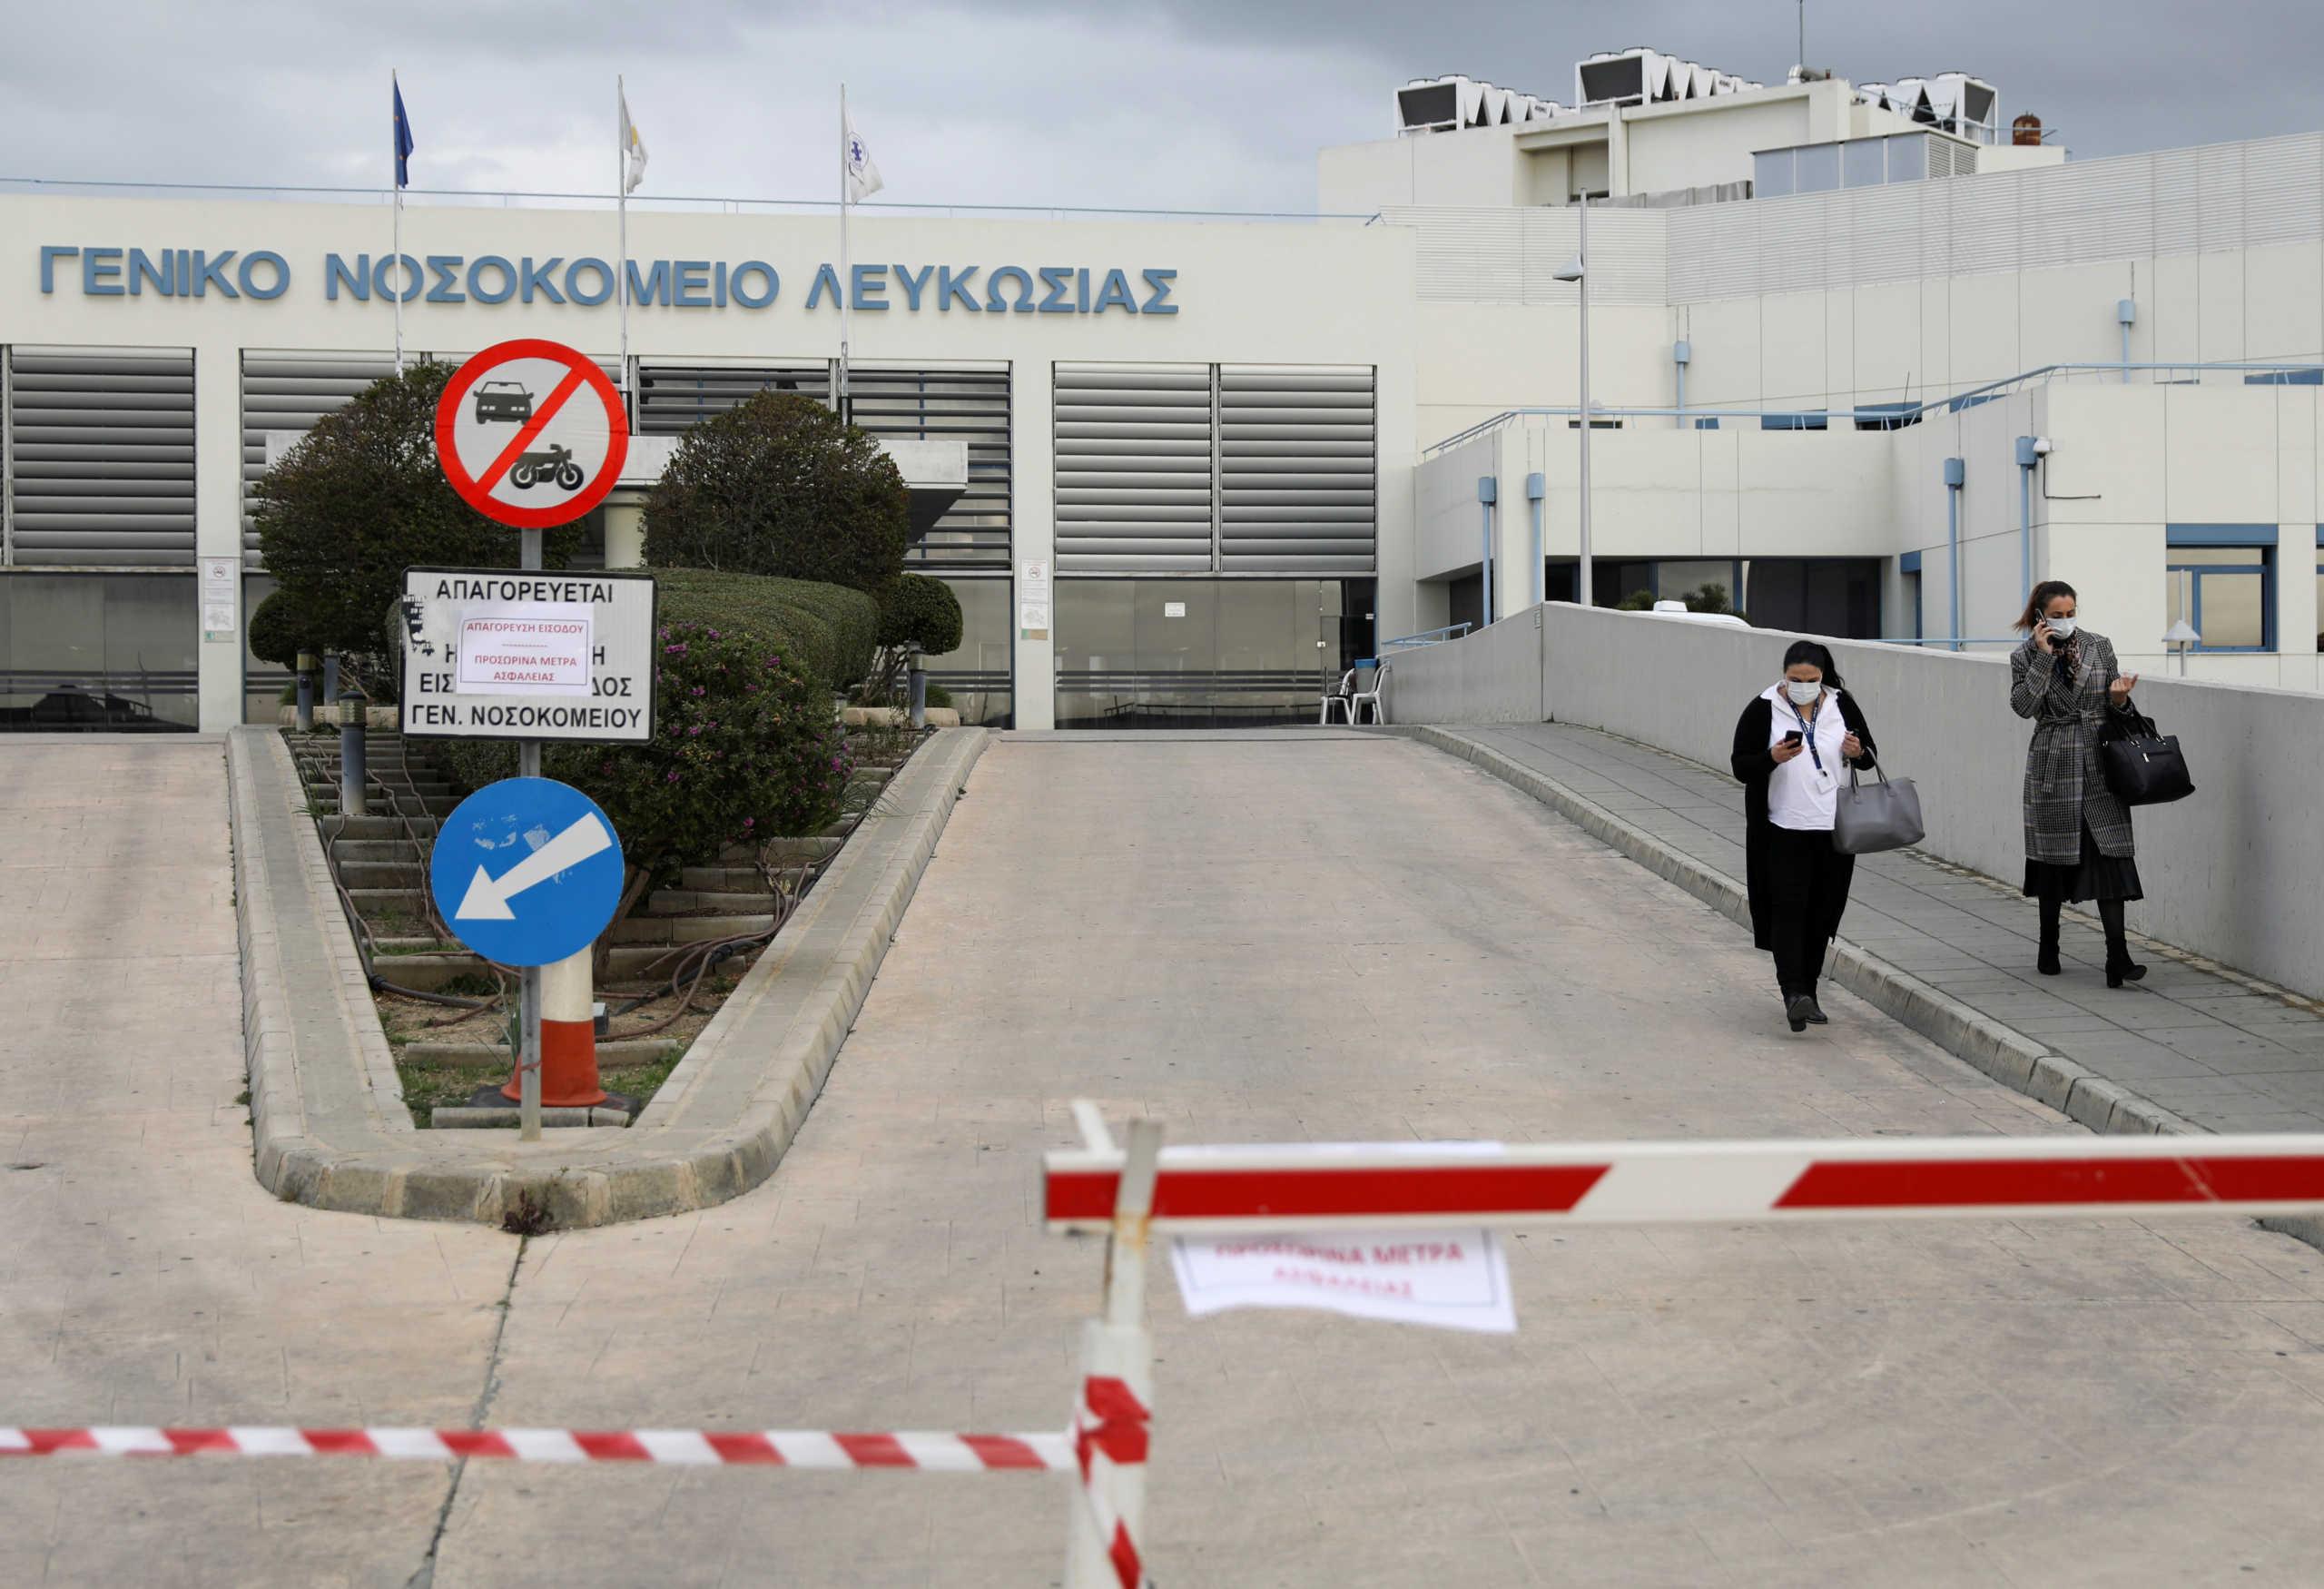 Κύπρος – κορονοϊός: Στα όριά του το σύστημα υγείας